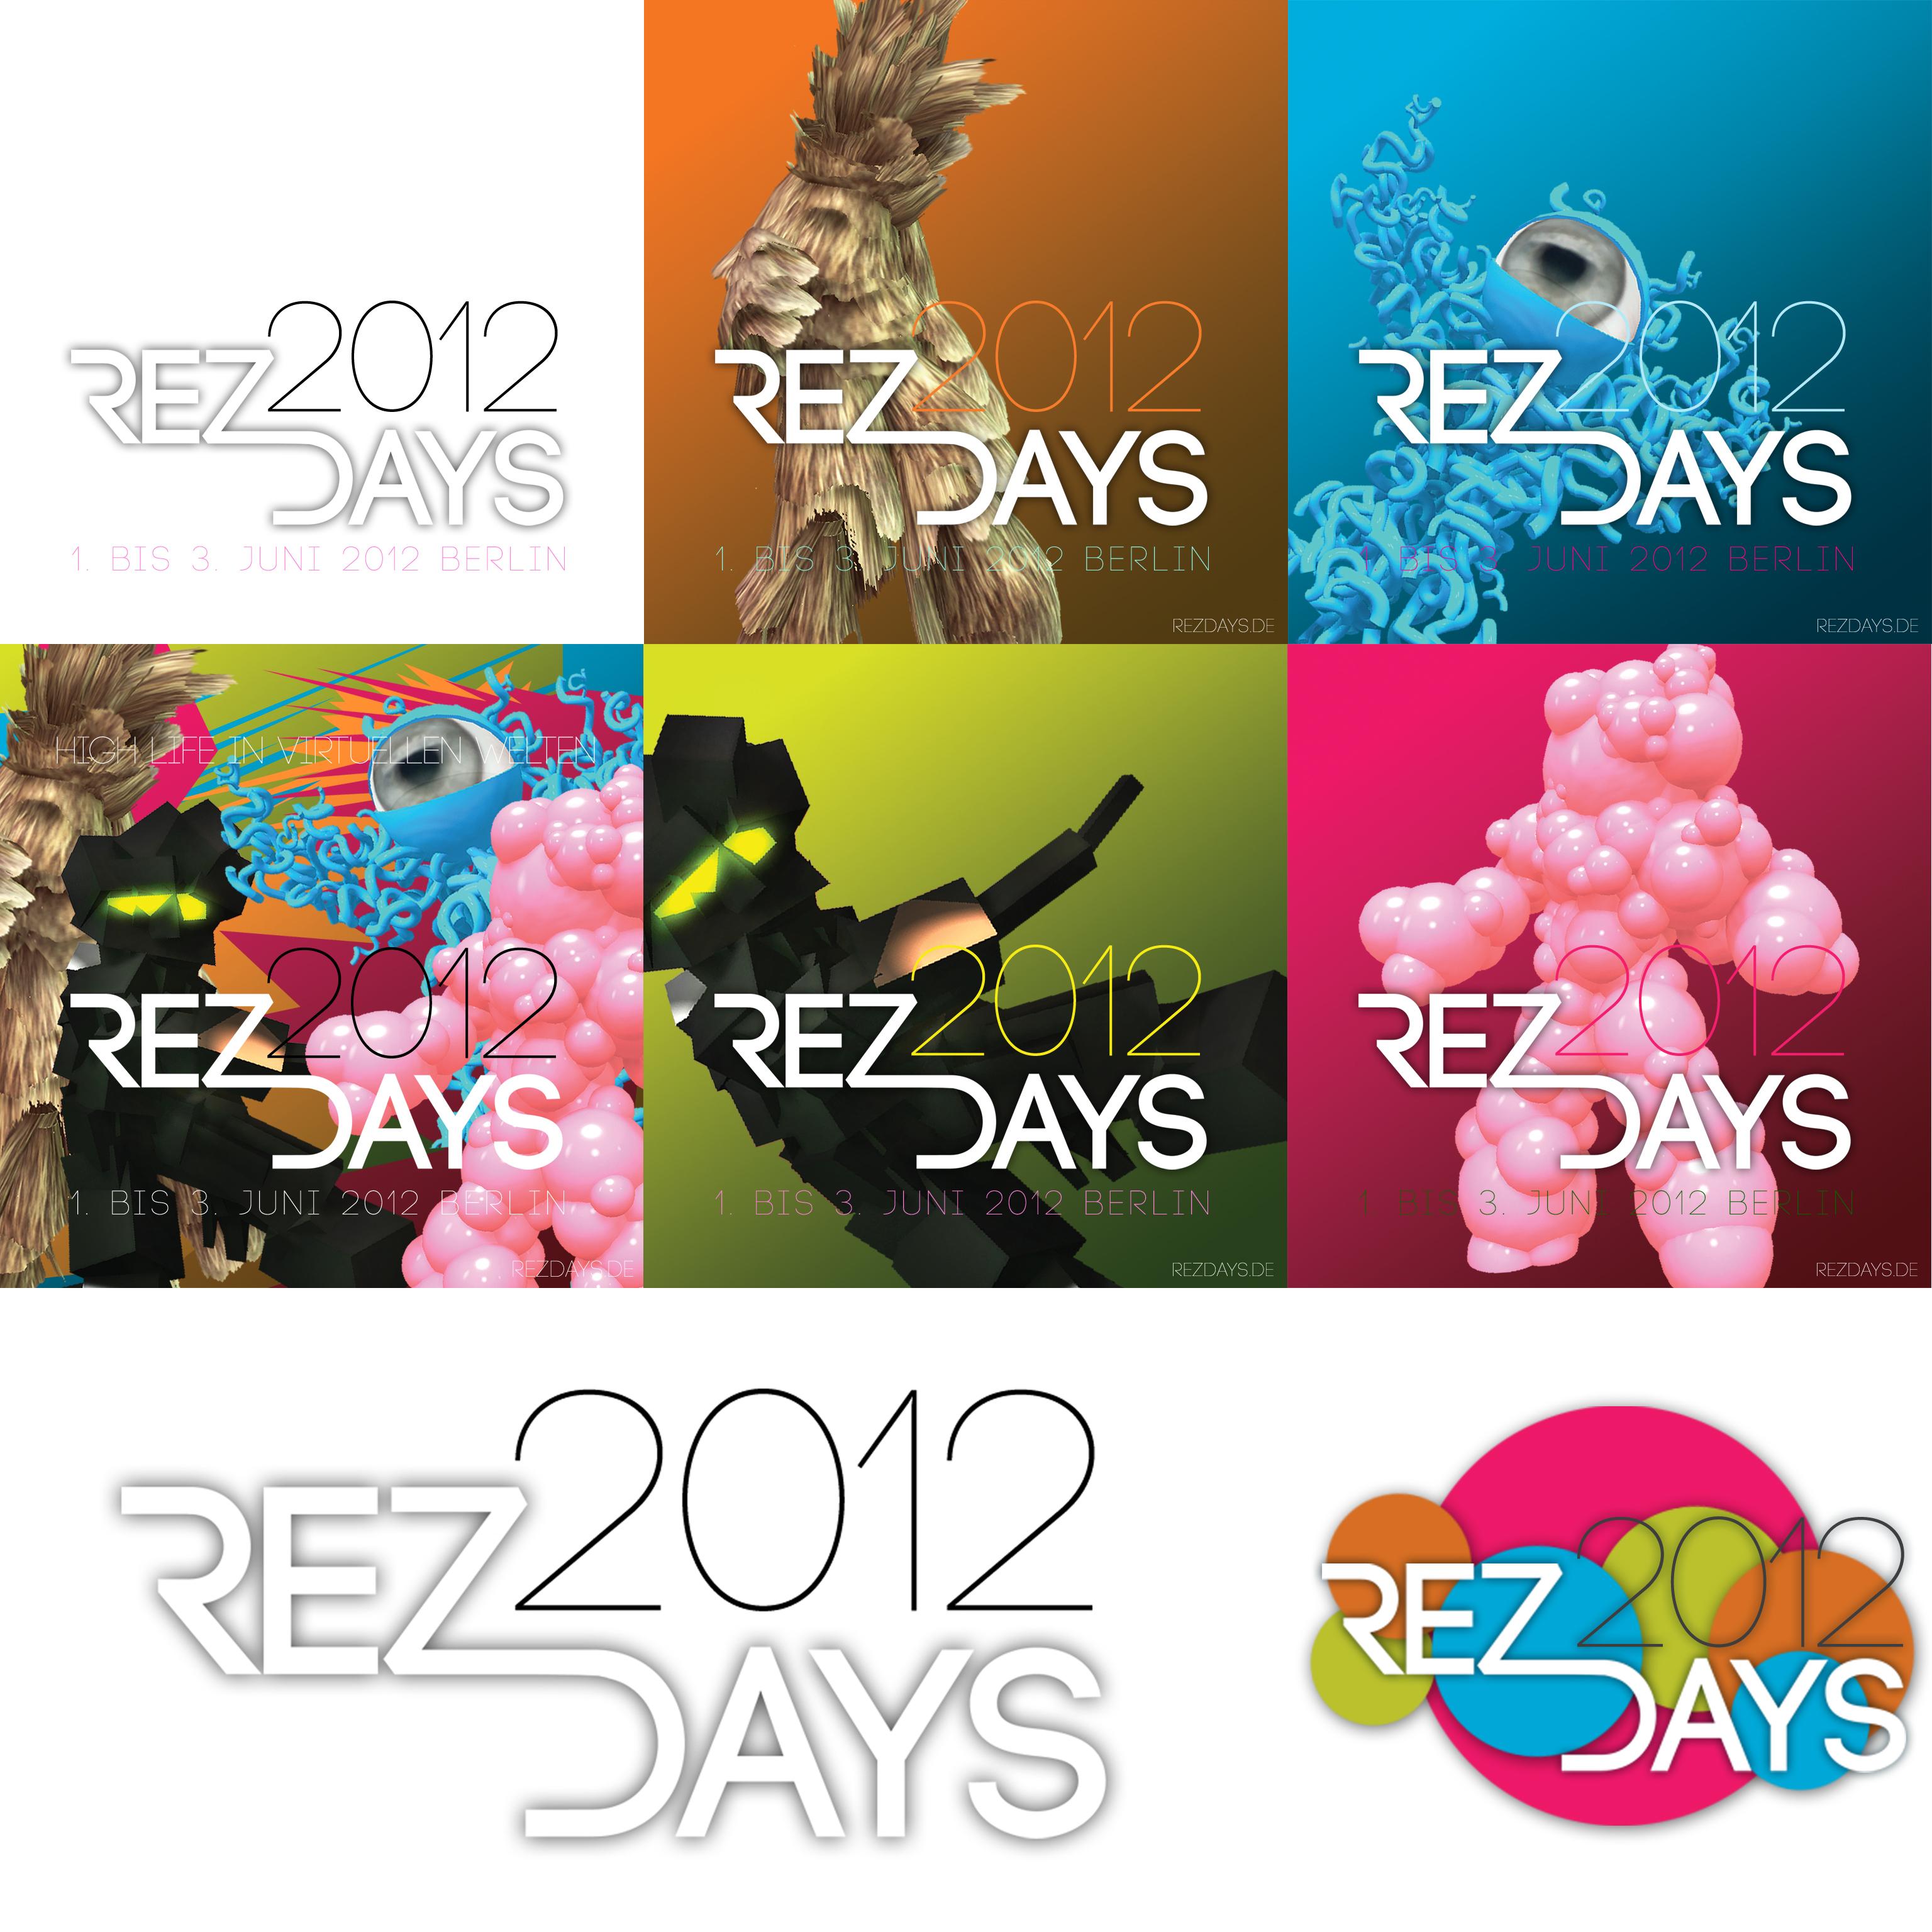 Logos RezDays2012